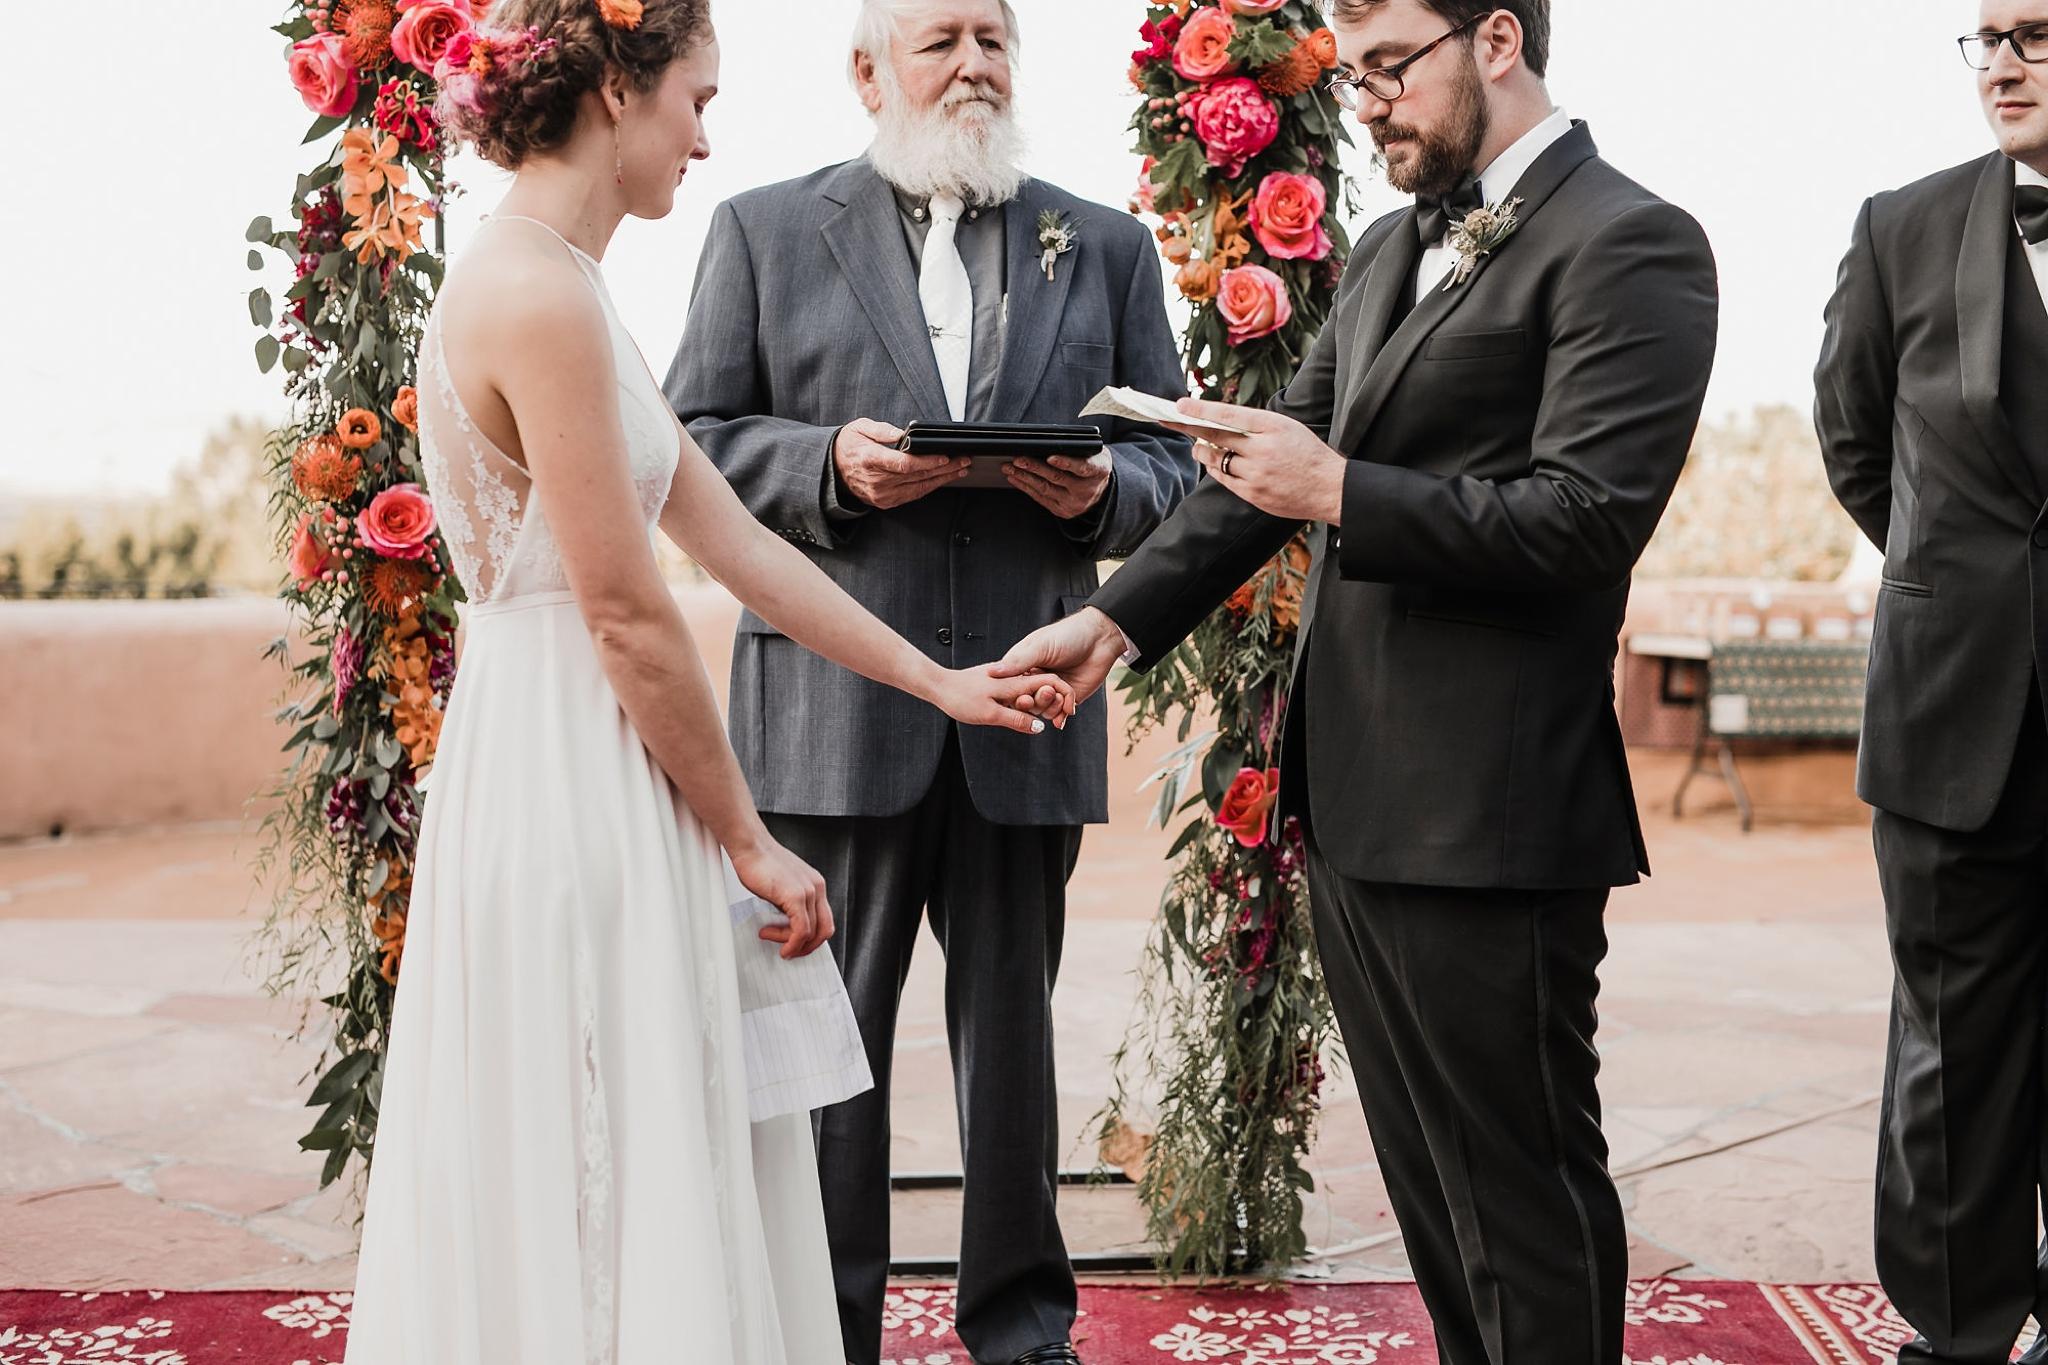 Alicia+lucia+photography+-+albuquerque+wedding+photographer+-+santa+fe+wedding+photography+-+new+mexico+wedding+photographer+-+new+mexico+wedding+-+wedding+vows+-+writing+your+own+vows+-+wedding+inspo_0028.jpg